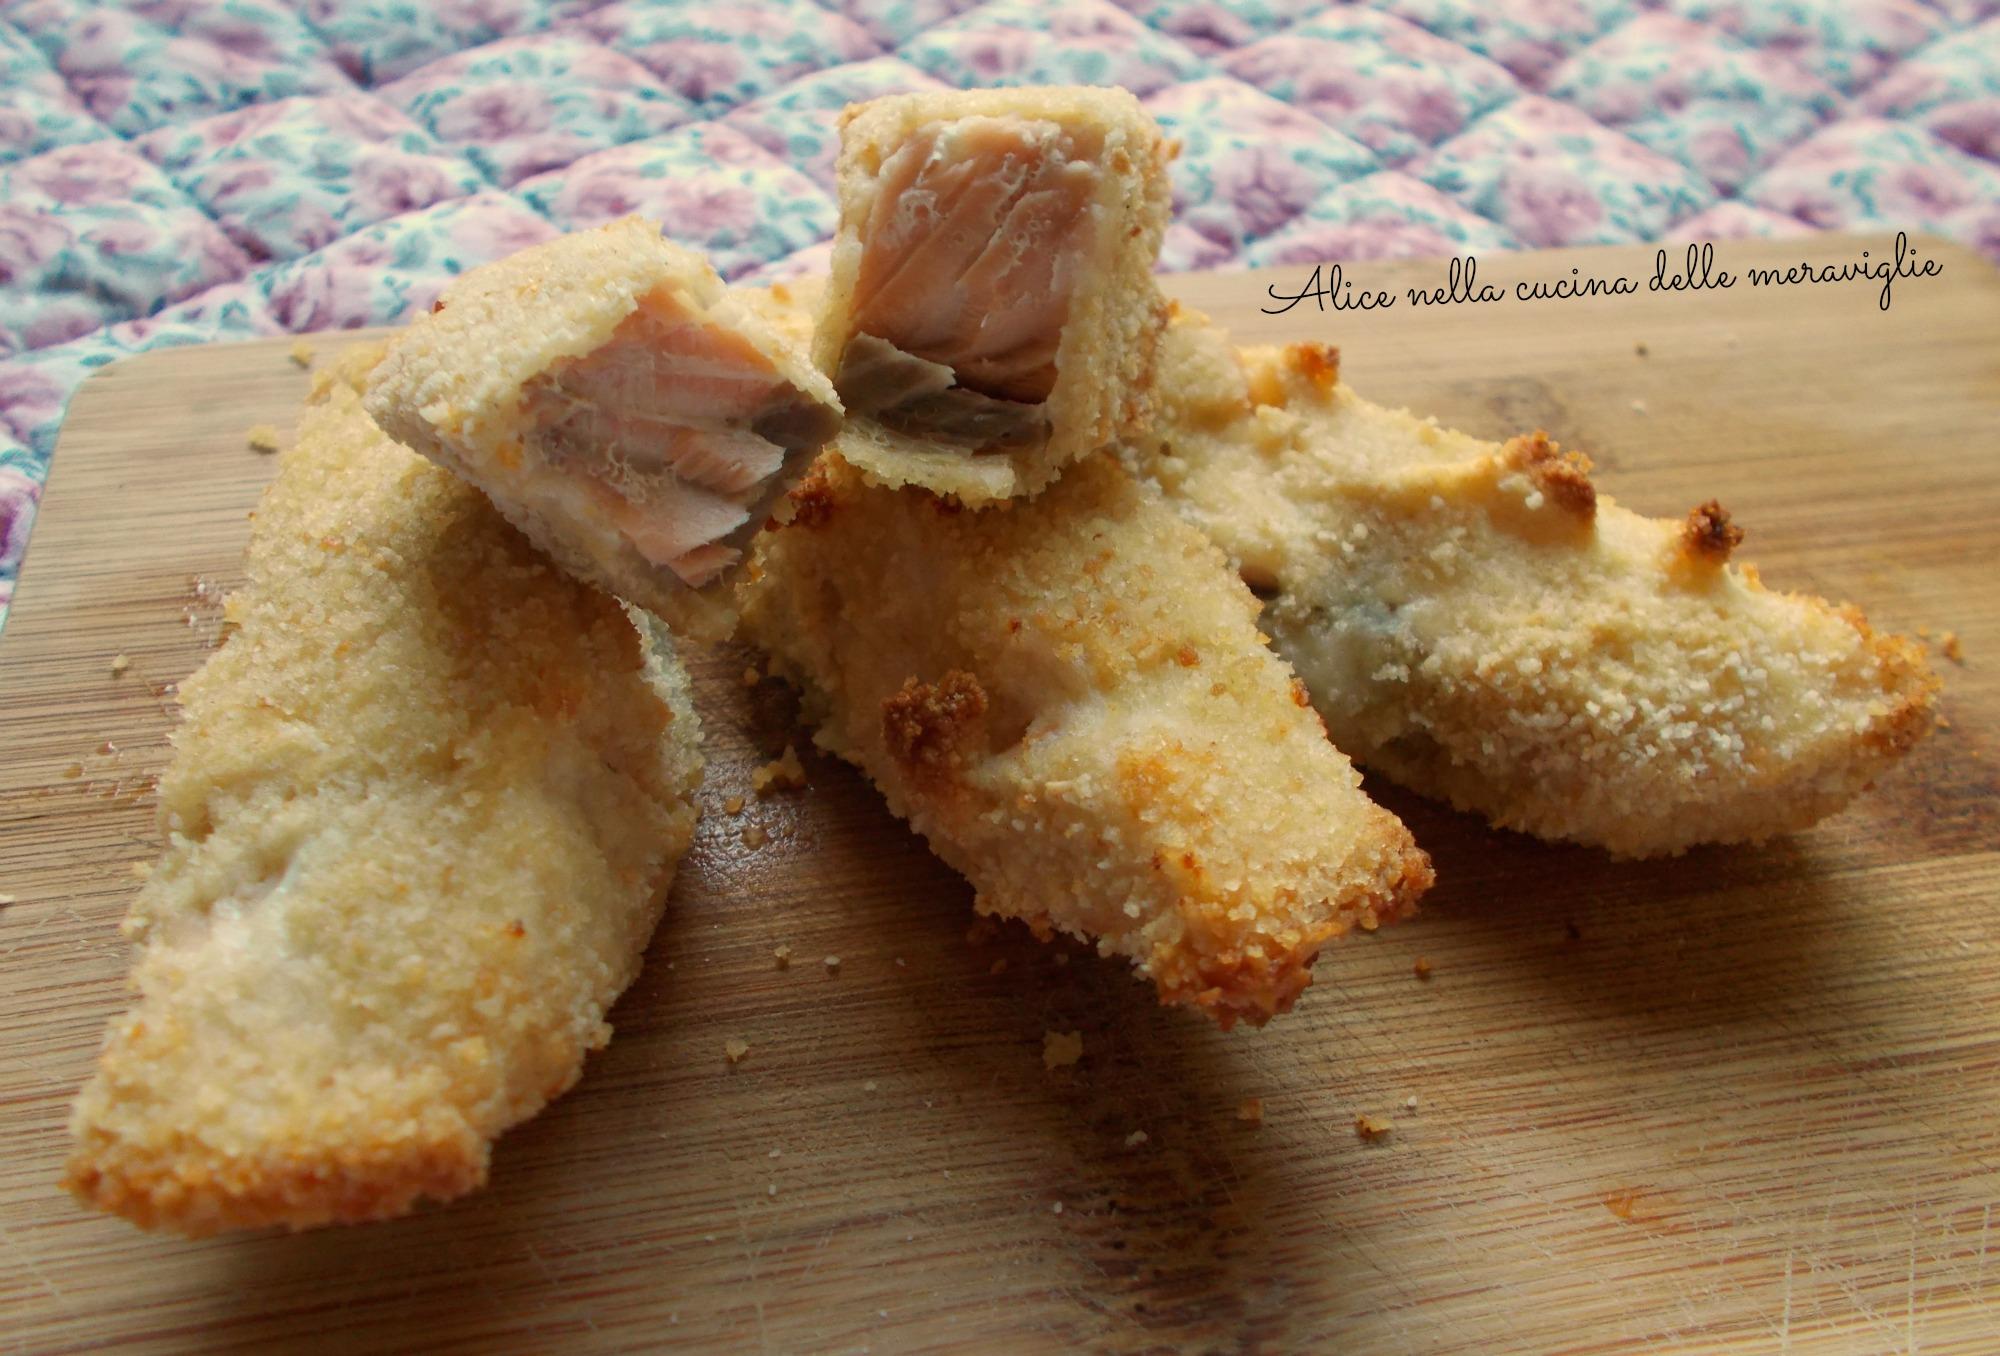 Bastoncini di salmone al forno Ricetta secondo piatto di pesce Alice nella cucina delle meraviglie